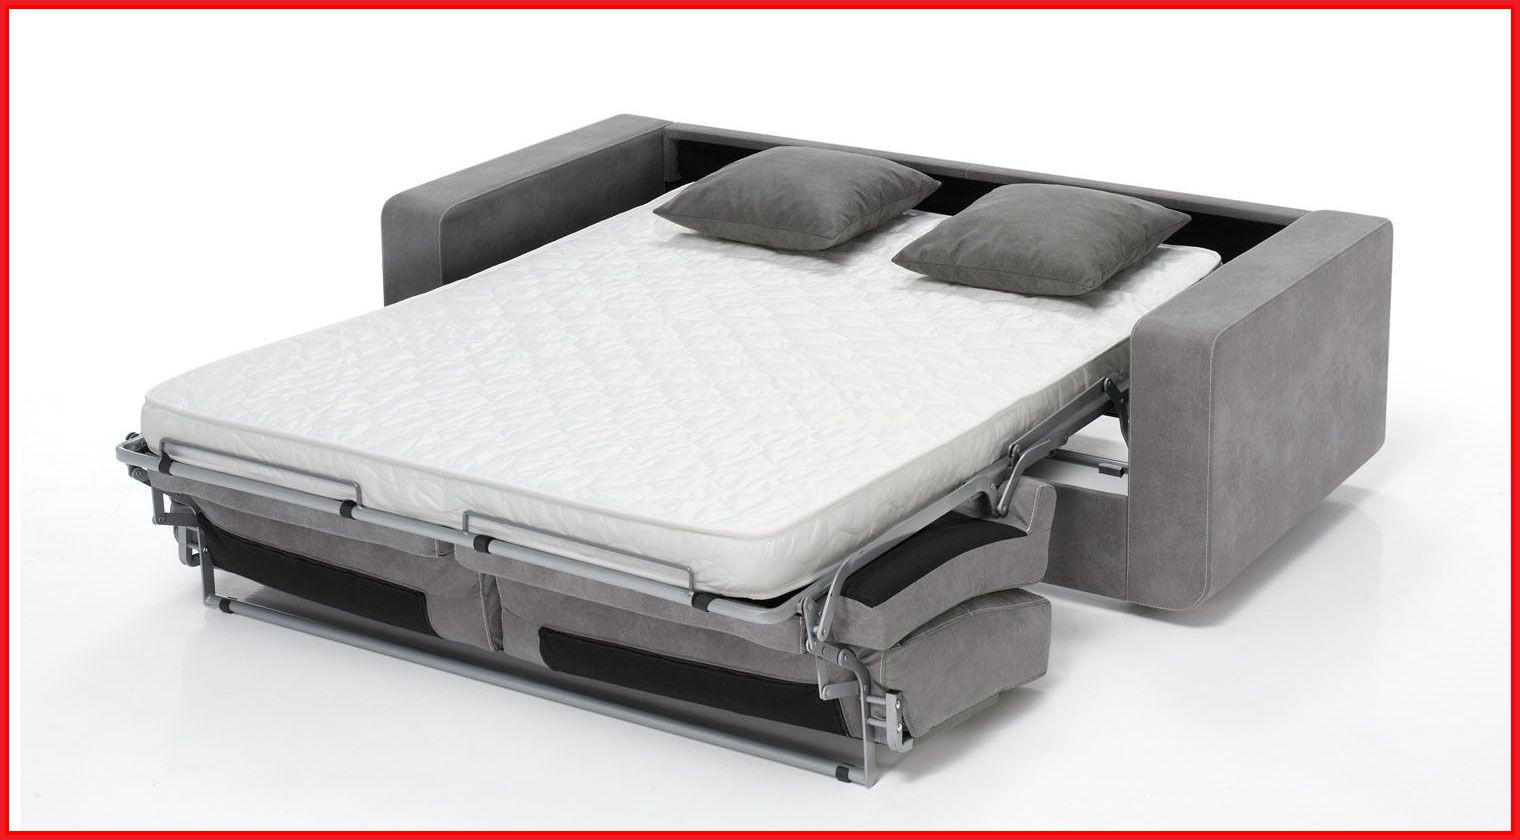 Sofas De Diseño Baratos T8dj sofas Cama Diseà O sofas Cama Baratos Line sofà Cama Alicante